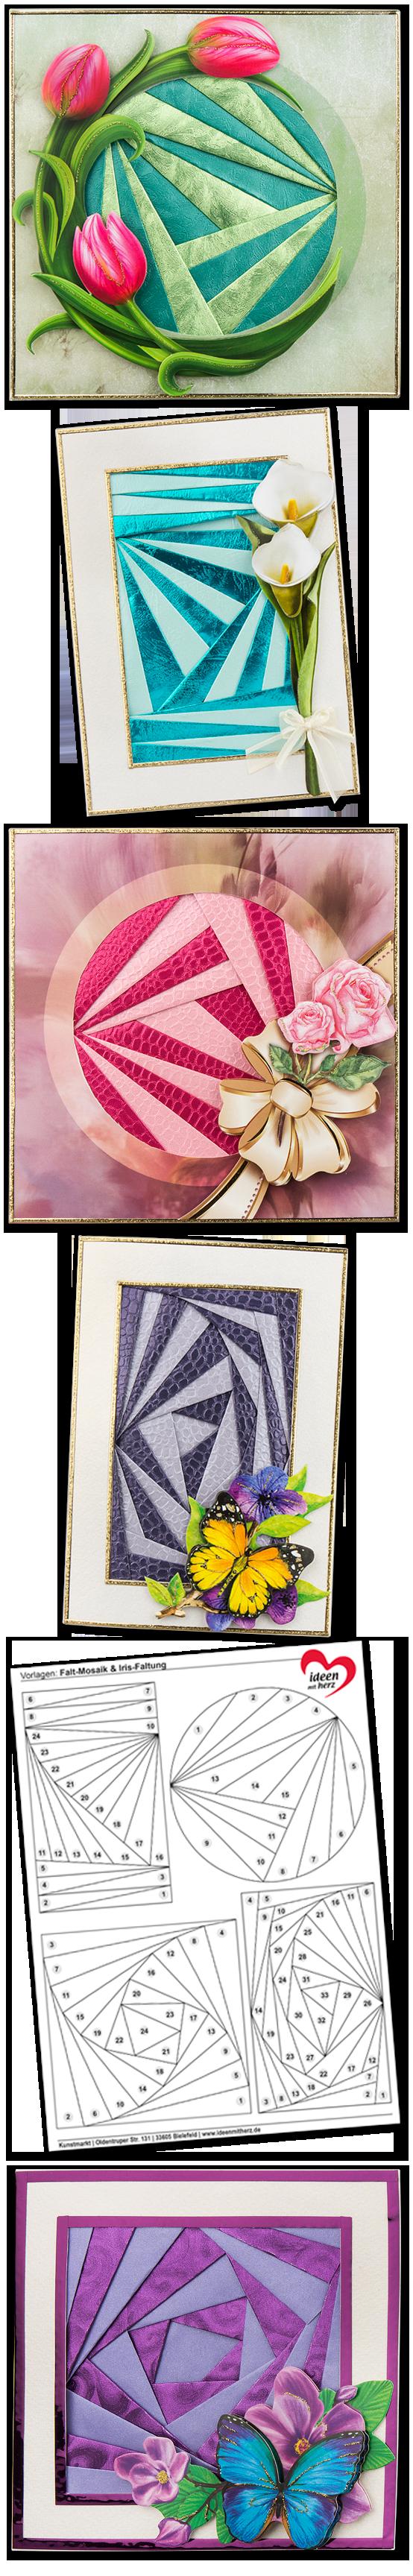 falt mosaik iris faltung anleitung mit vorlagen f r gru karten in verschiedenen formaten. Black Bedroom Furniture Sets. Home Design Ideas